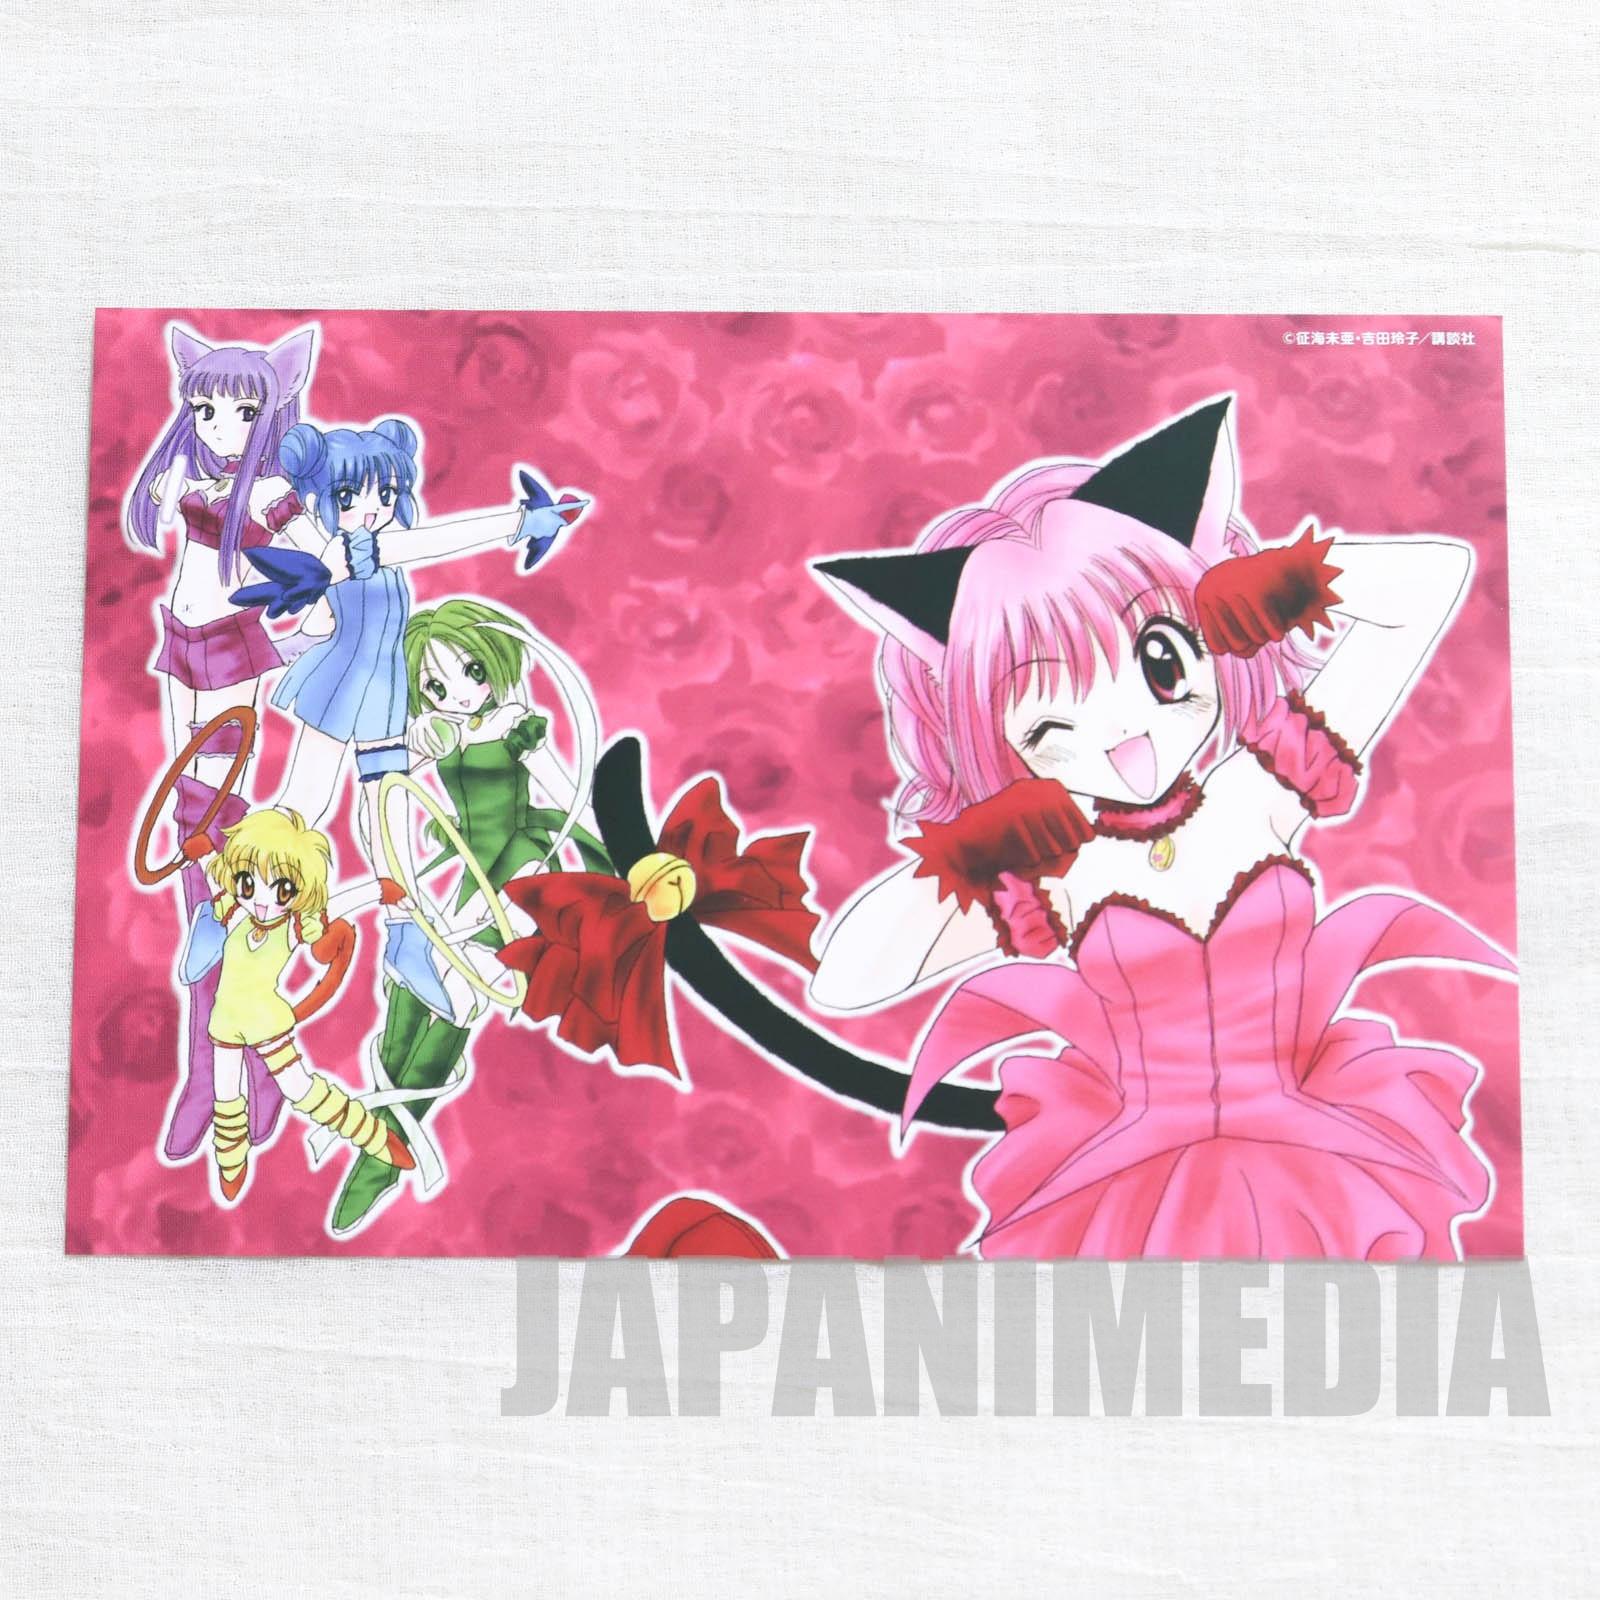 Tokyo Mew Mew Nakayoshi Post card JAPAN MANGA